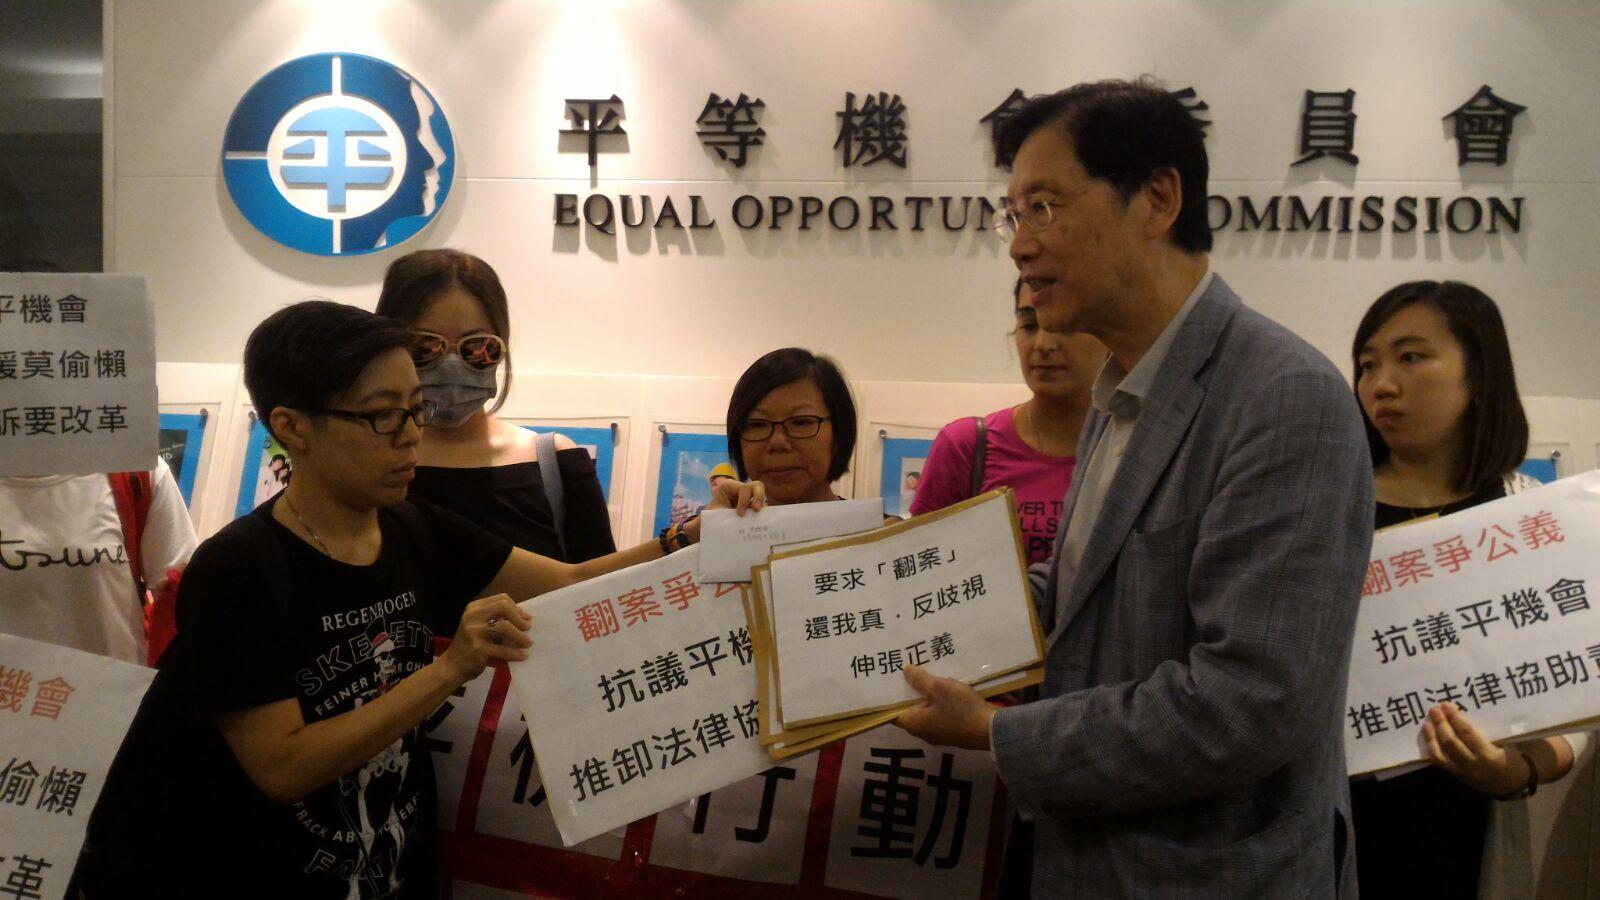 平機行動聯席成員向平機會營運總裁陳奕民遞請願信。